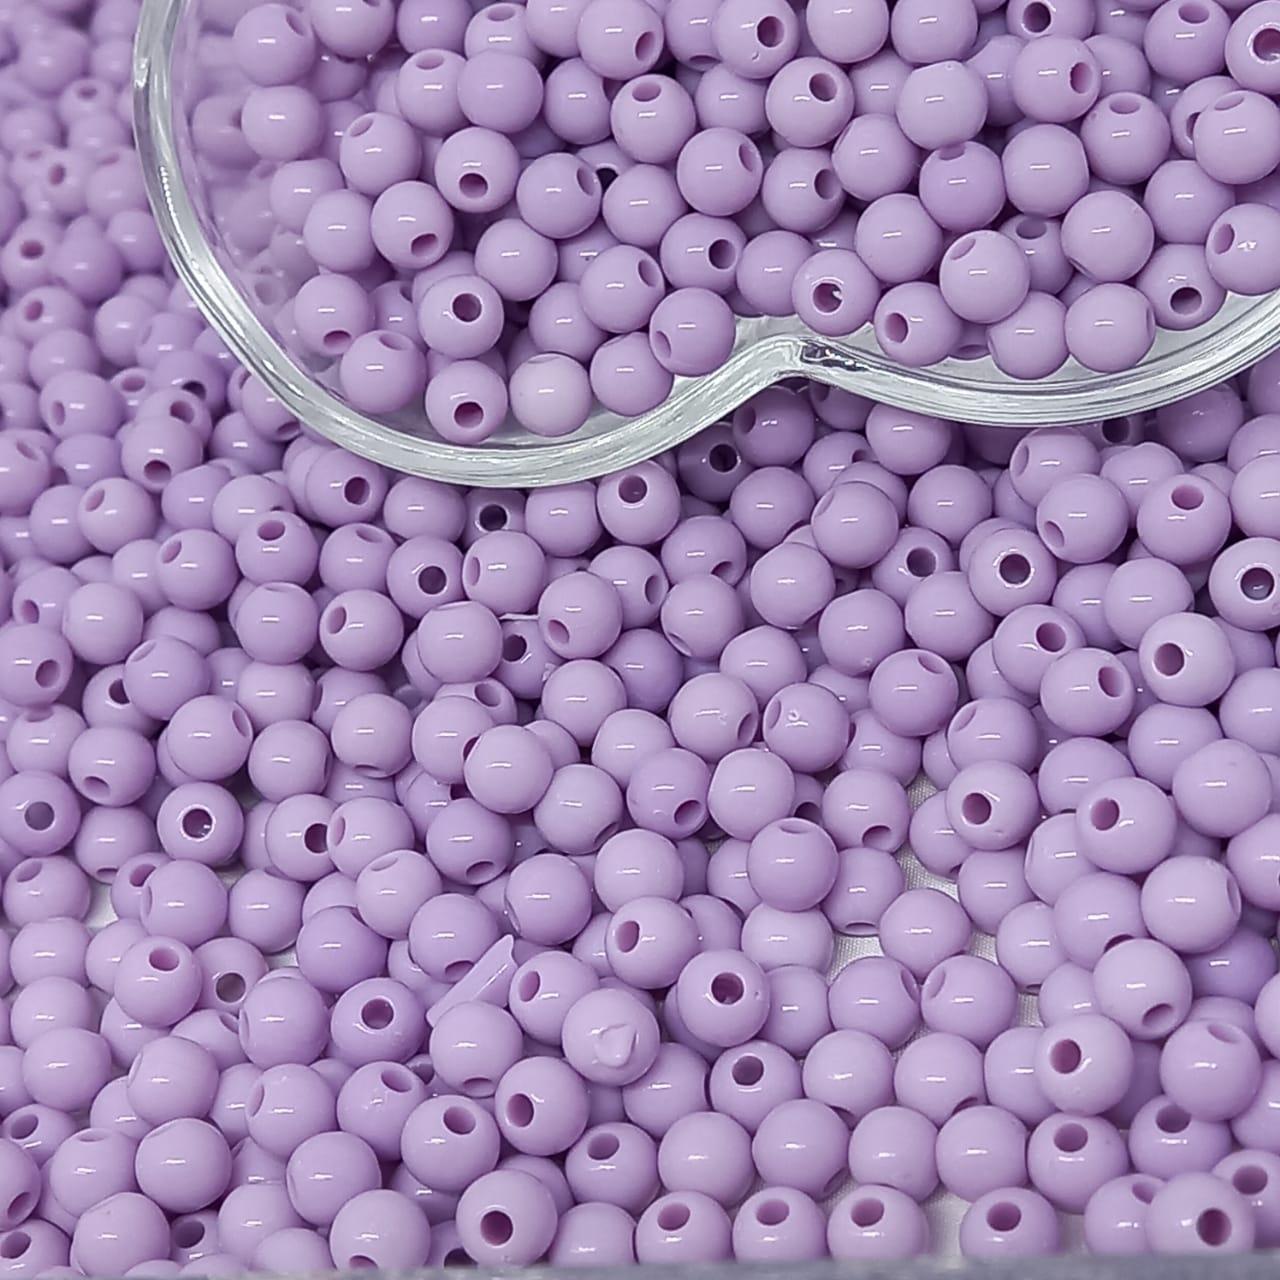 Bolinha de plástico lilás  - 25g 6mm